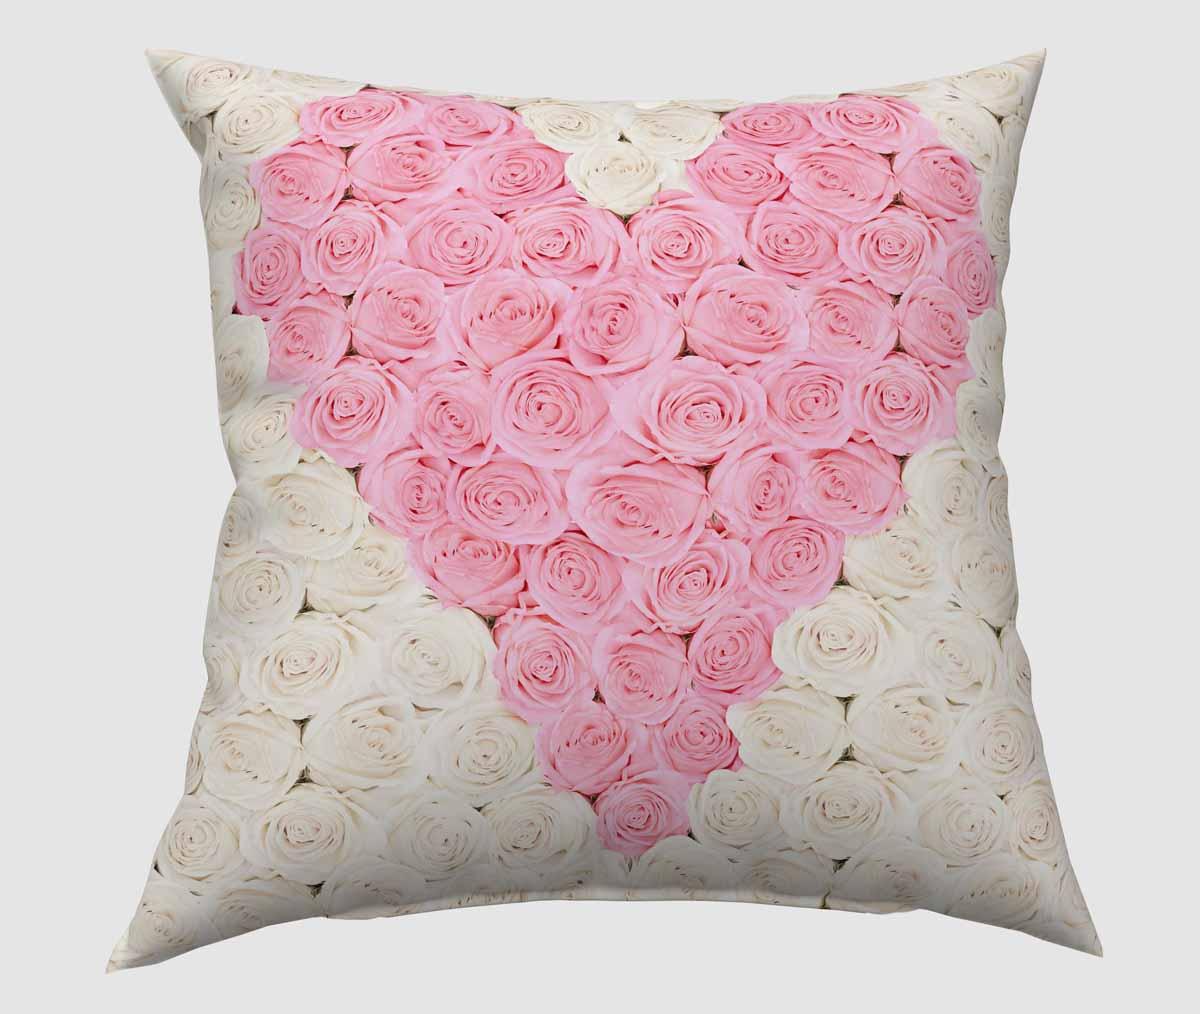 Подушка декоративная Сирень Сердце из роз , 40 х 40 см01145-ПШ-ГБ-012Декоративная подушка Сирень Сердце из роз, изготовленная из габардина (100% полиэстер), прекрасно дополнит интерьер спальни или гостиной. Подушка оформлена красочным изображением. Внутри - мягкий наполнитель из холлофайбера (100% полиэстер). Красивая подушка создаст атмосферу тепла и уюта в спальне и станет прекрасным элементом декора.